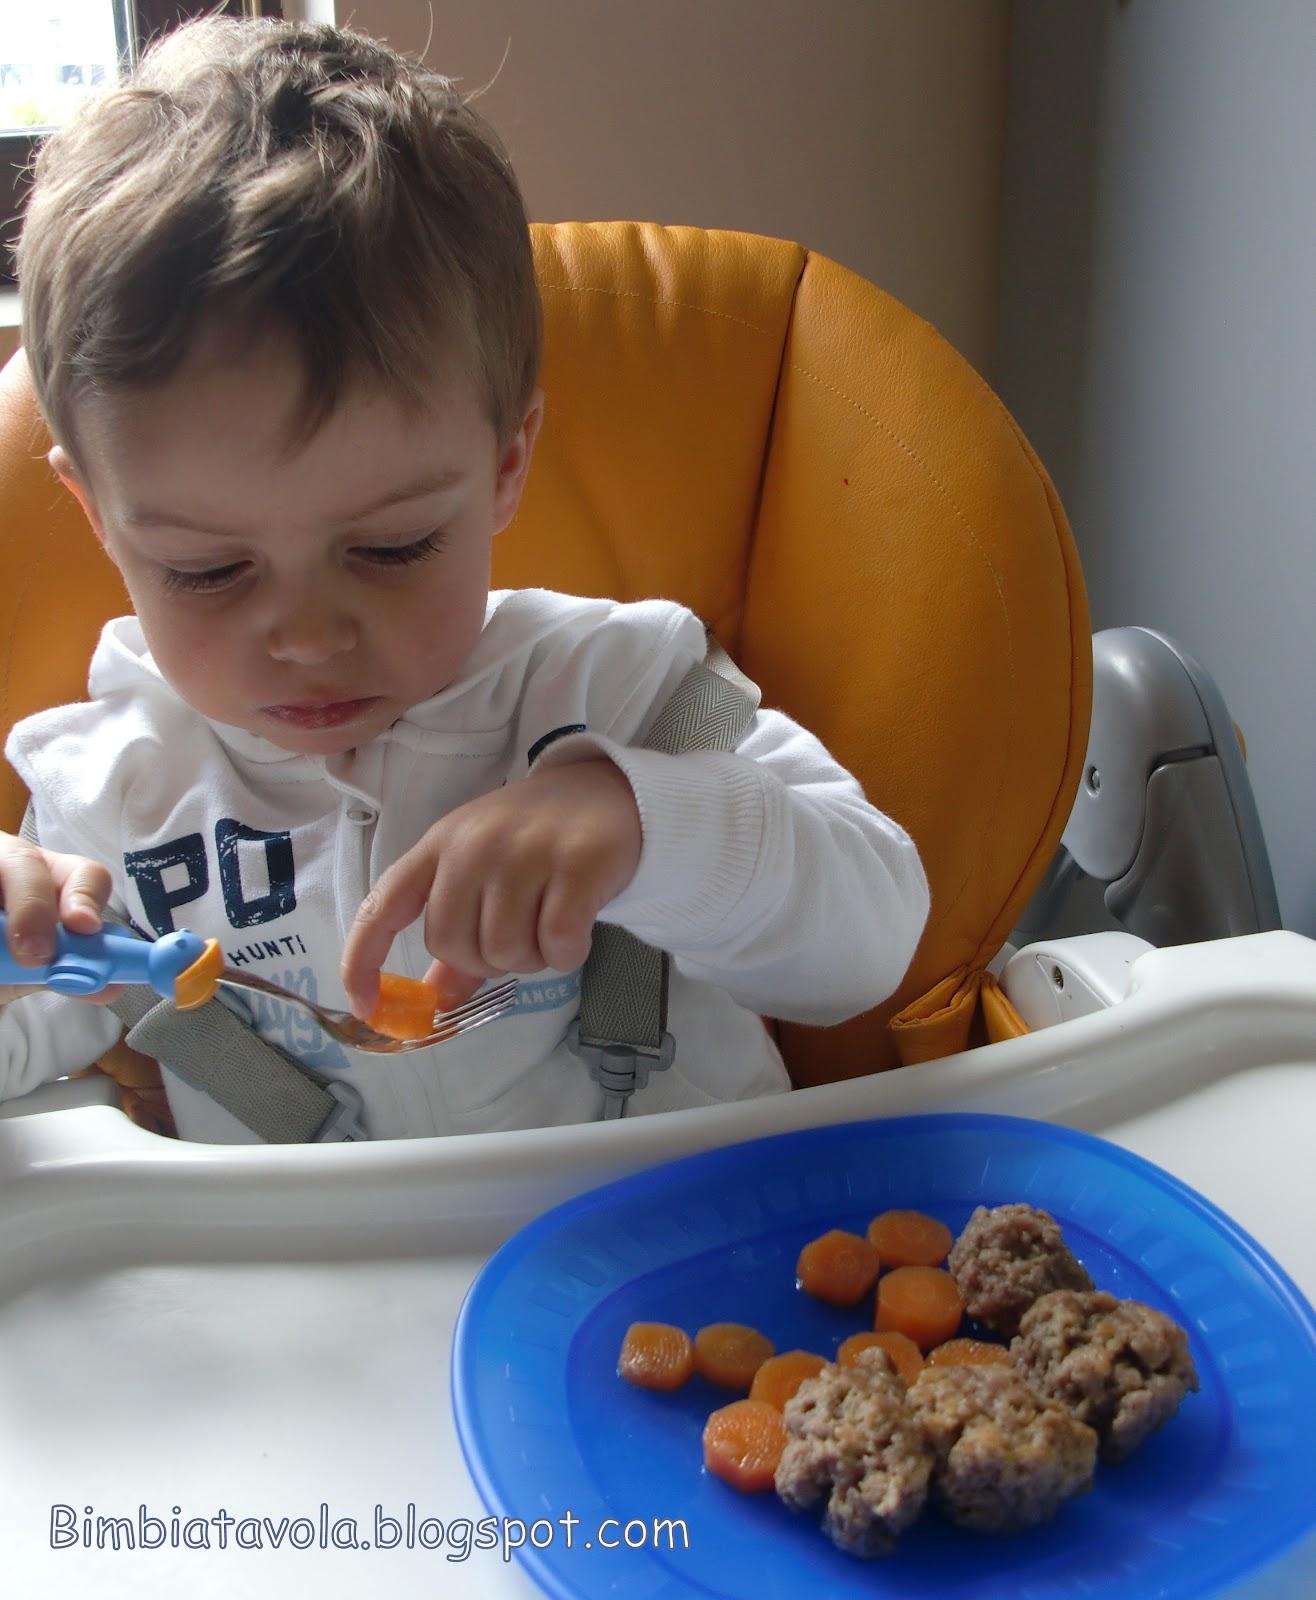 Polpette in brodo e baby led weaning da bimbi a for Cucinare per bambini 7 anni